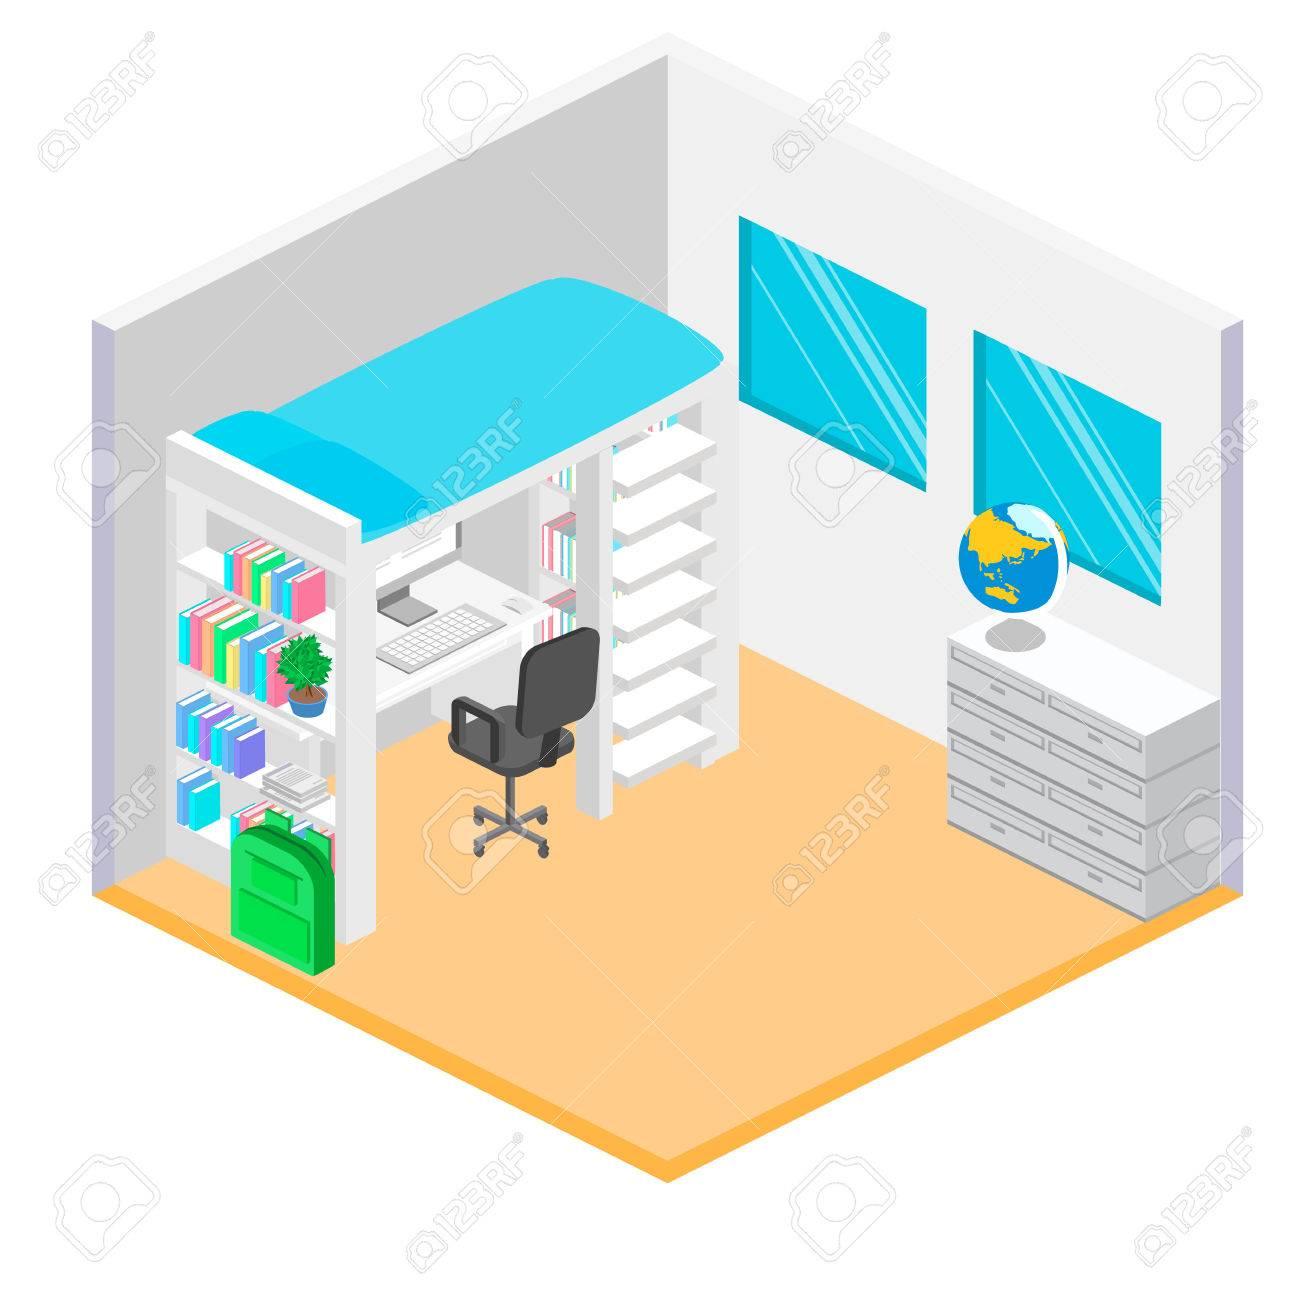 Lieu De Travail Isometrique Pour Enfant Chambre D Enfant Lit Mezzanine Avec Chaise De Table Et Des Livres Flat Illustration 3d Ensemble De